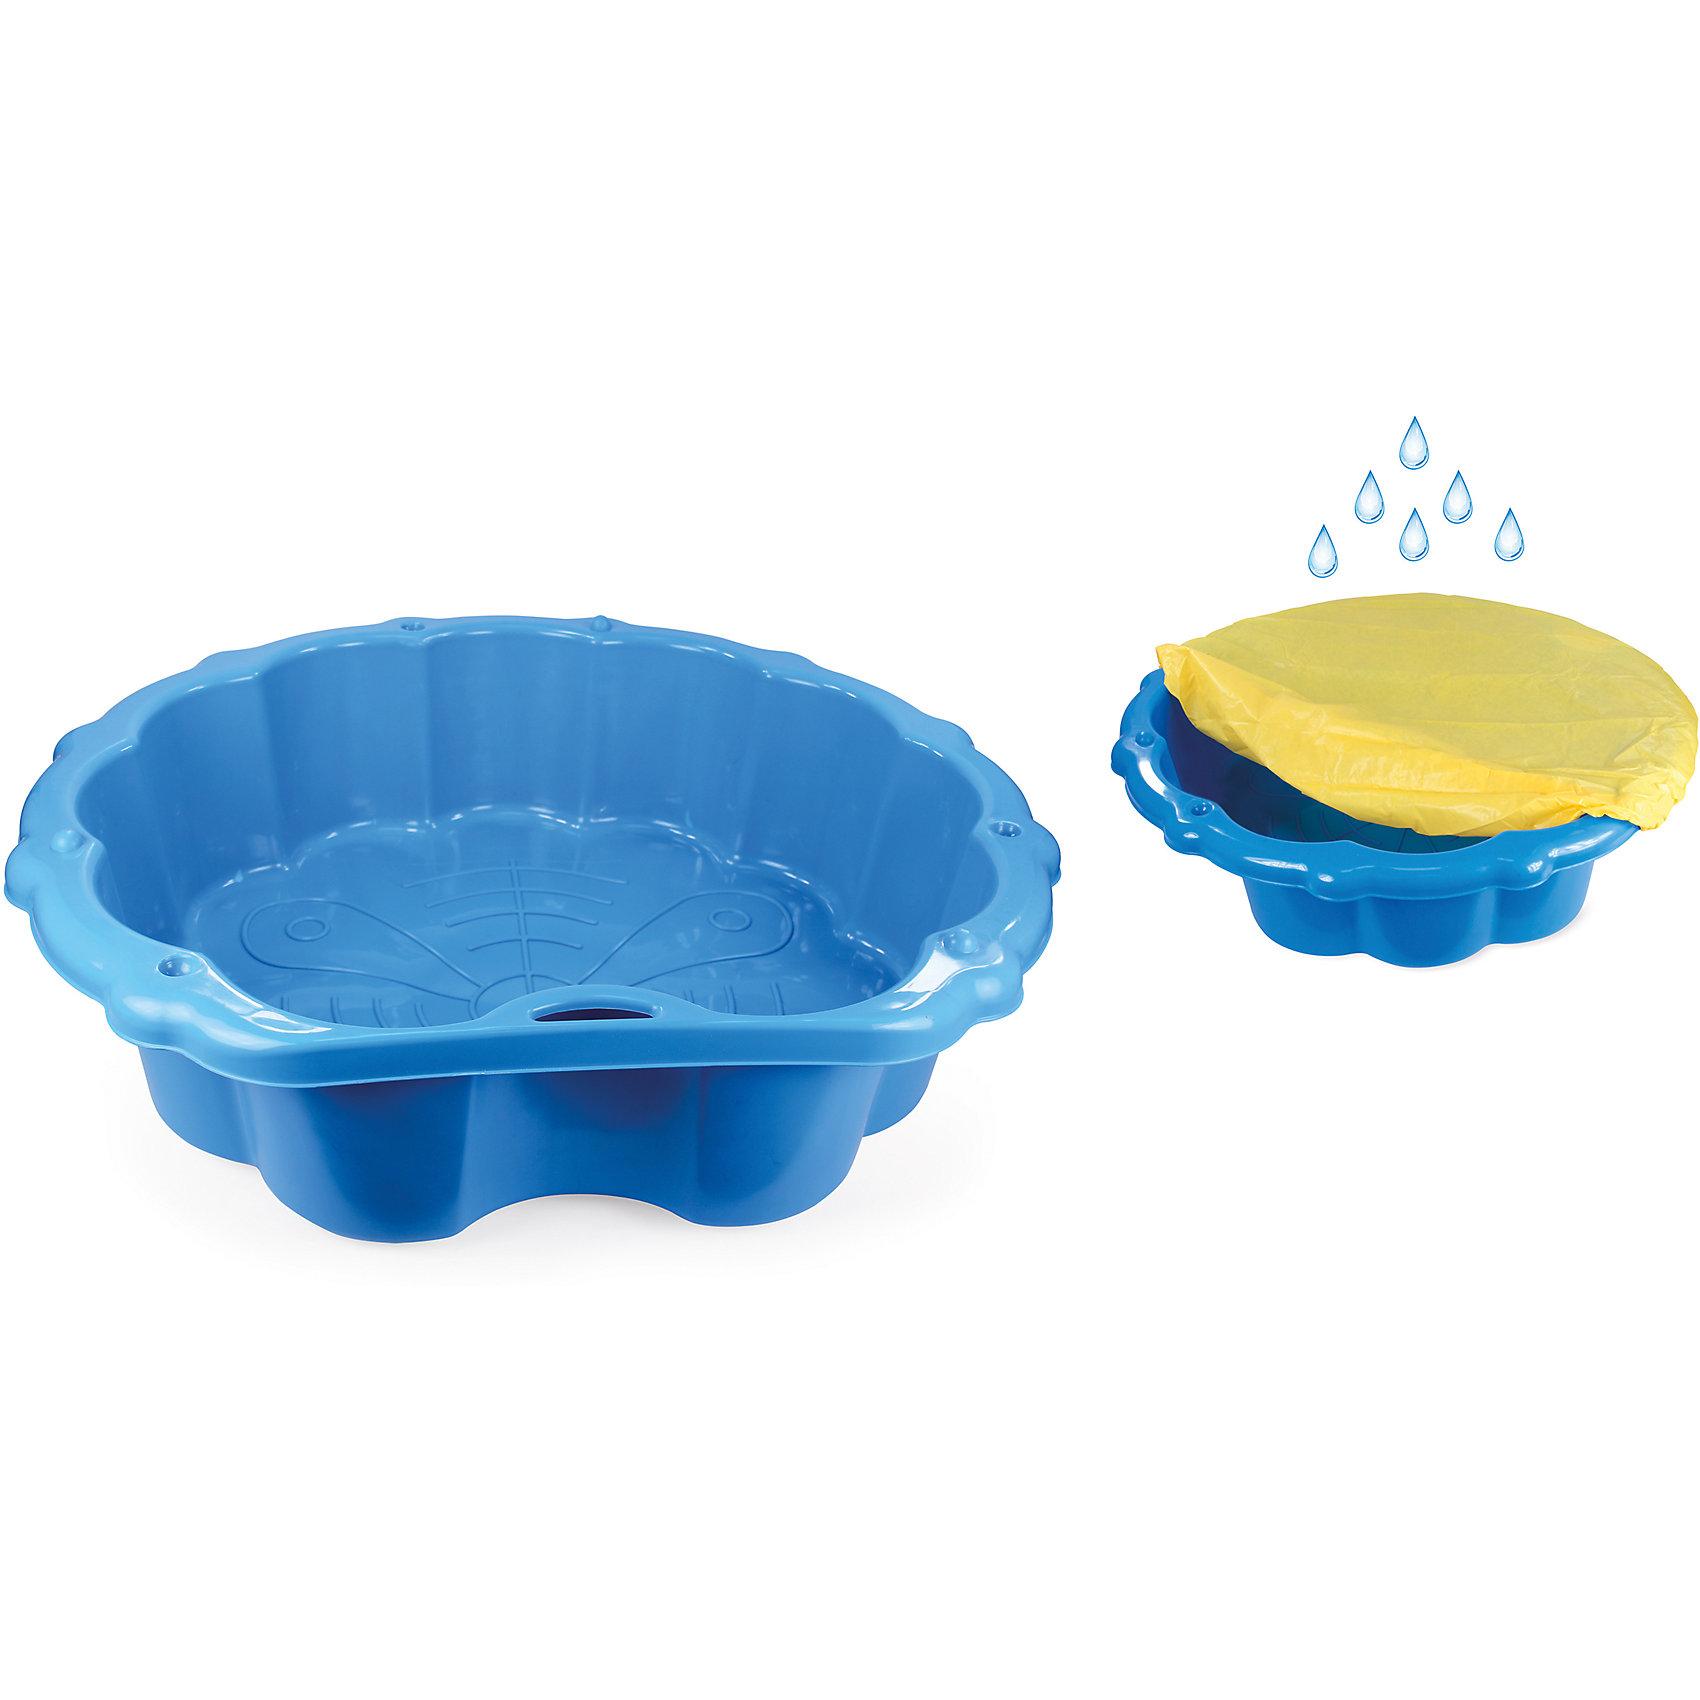 Бассейн малый, с тентом, MochtoysОтличная пластиковая песочница для увлекательной игры летом. Можно насыпать песка или налить воды, подходит для использования как в помещении, так и на улице.В бассейне приятно купаться в жаркую погоду и играть с игрушками. В прохладную погоду бассейн можно использовать как песочницу. <br>Бассейн идет в комплекте с тентом, для защиты детского бассейна от животных на время Вашего отсутствия.<br><br>Ширина мм: 870<br>Глубина мм: 800<br>Высота мм: 220<br>Вес г: 1770<br>Возраст от месяцев: 12<br>Возраст до месяцев: 84<br>Пол: Унисекс<br>Возраст: Детский<br>SKU: 5510718